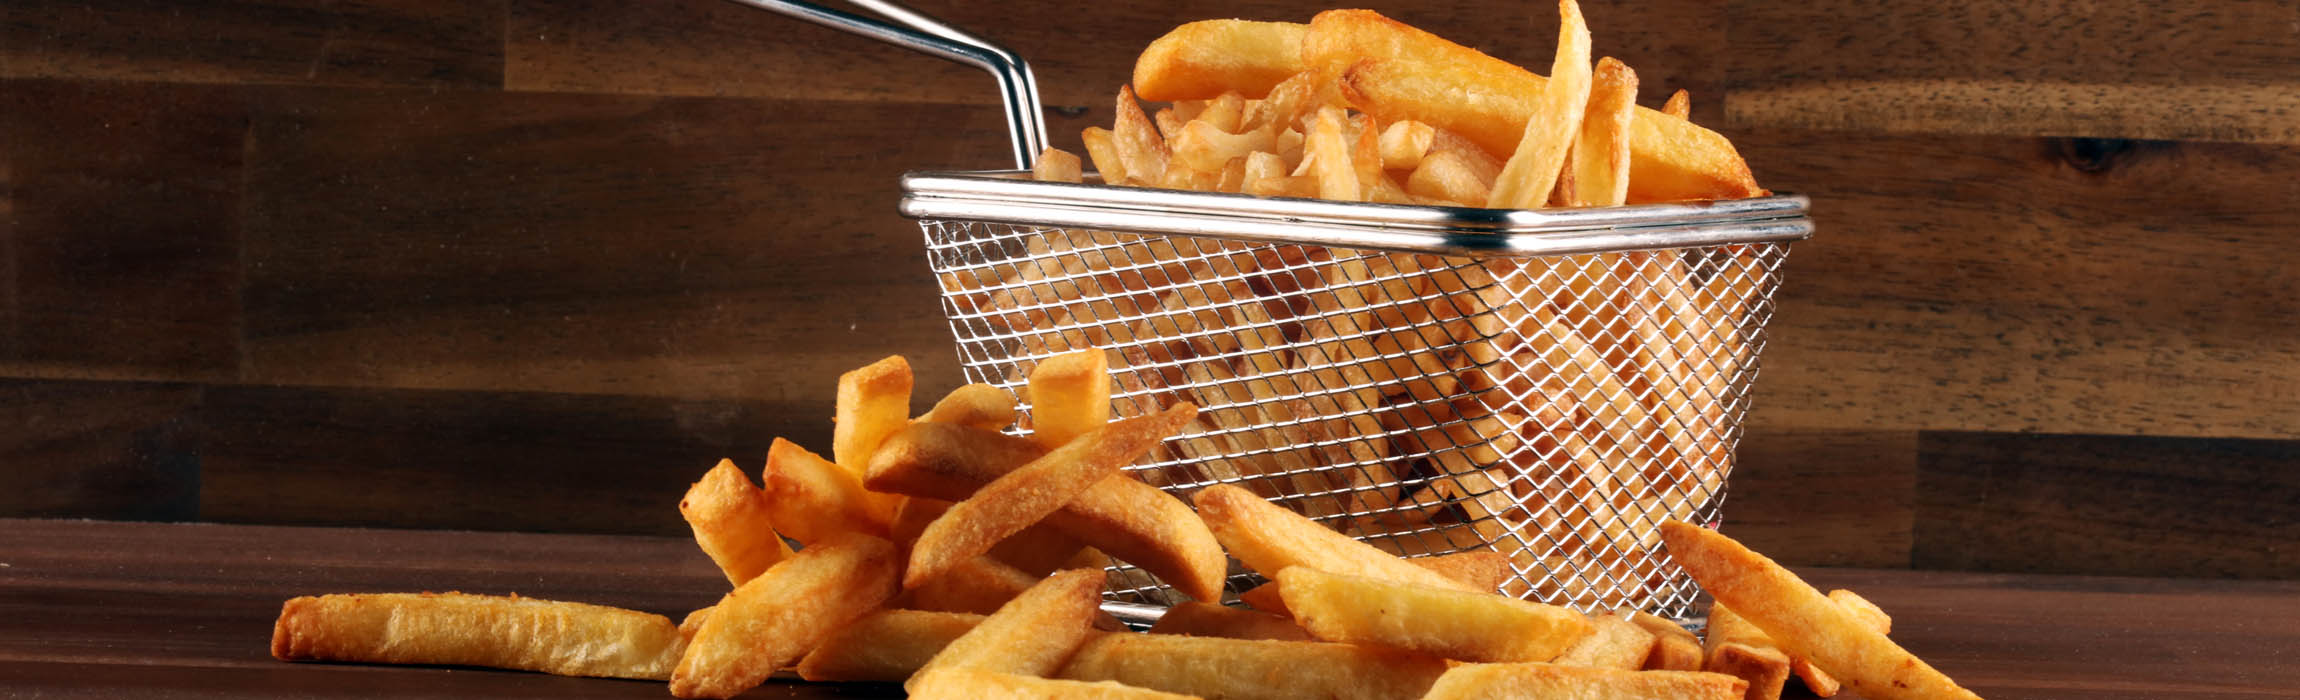 Energieeffiziente Palettenfördertechnik für Tiefgekühlte Kartoffelprodukte.